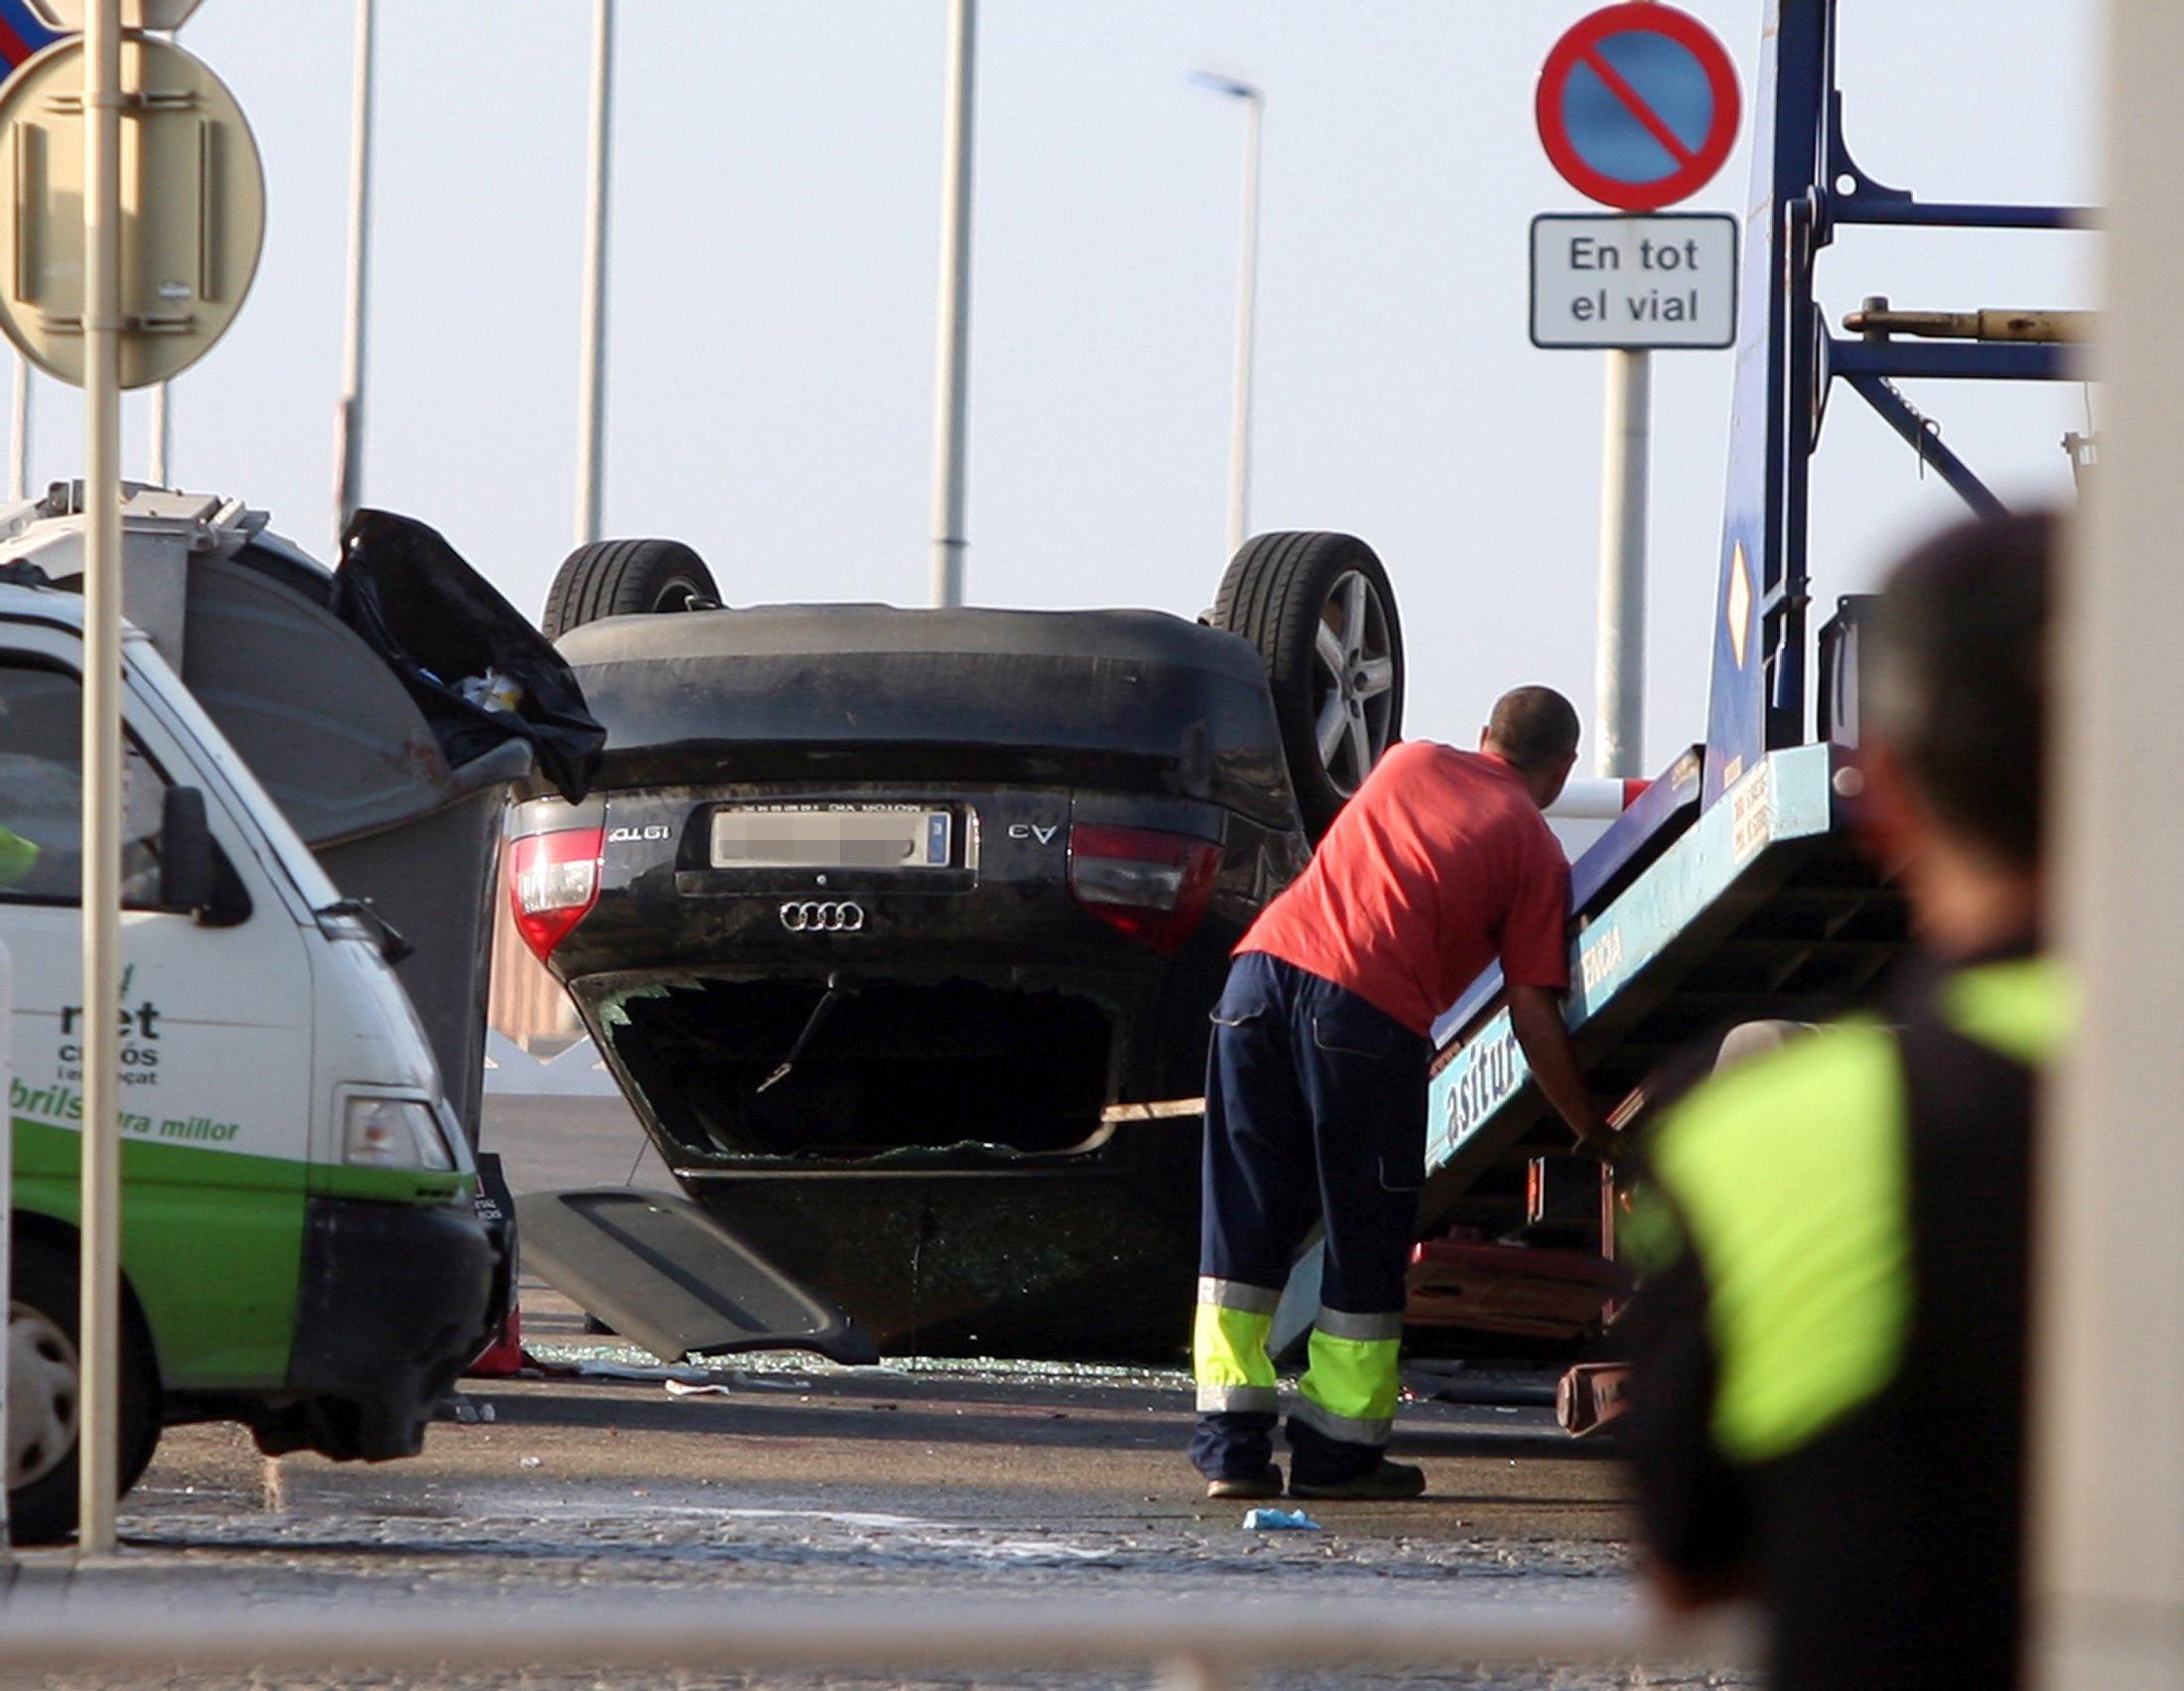 Els Mossos d'Esquadra han abatut aquesta nit cinc presumptes terroristes a Cambrils (Tarragona). /JAUME SELLART